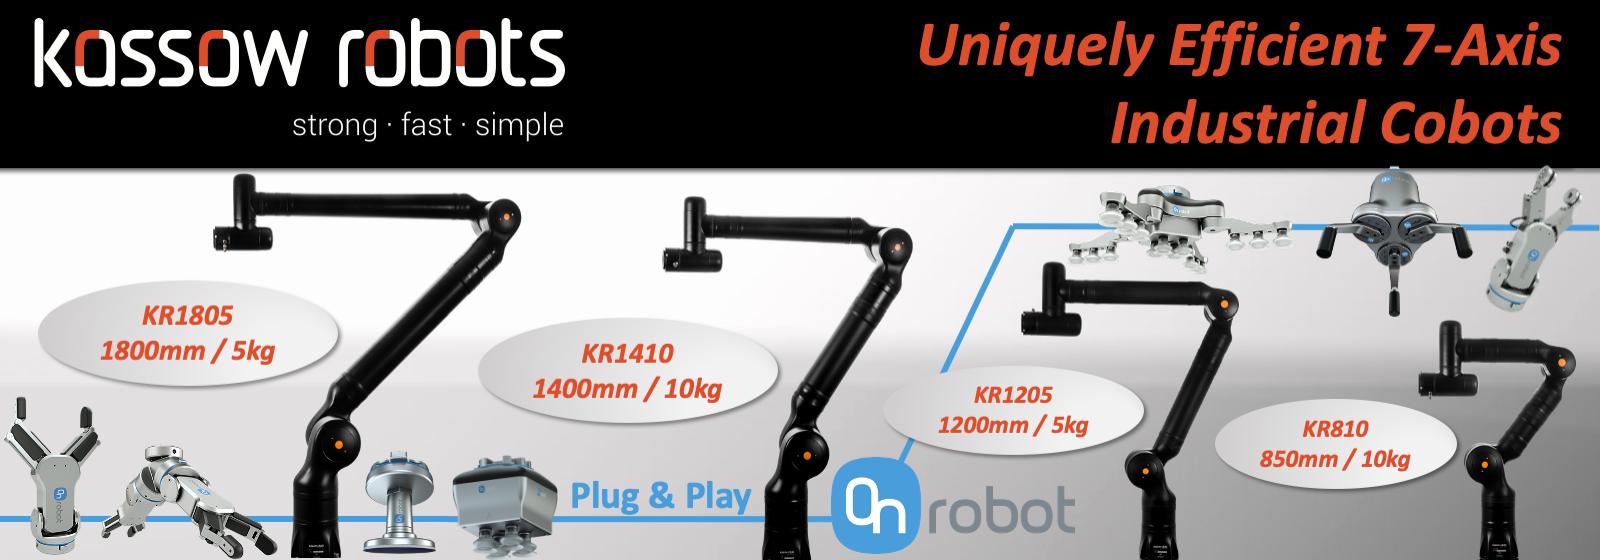 Kassow Robotics